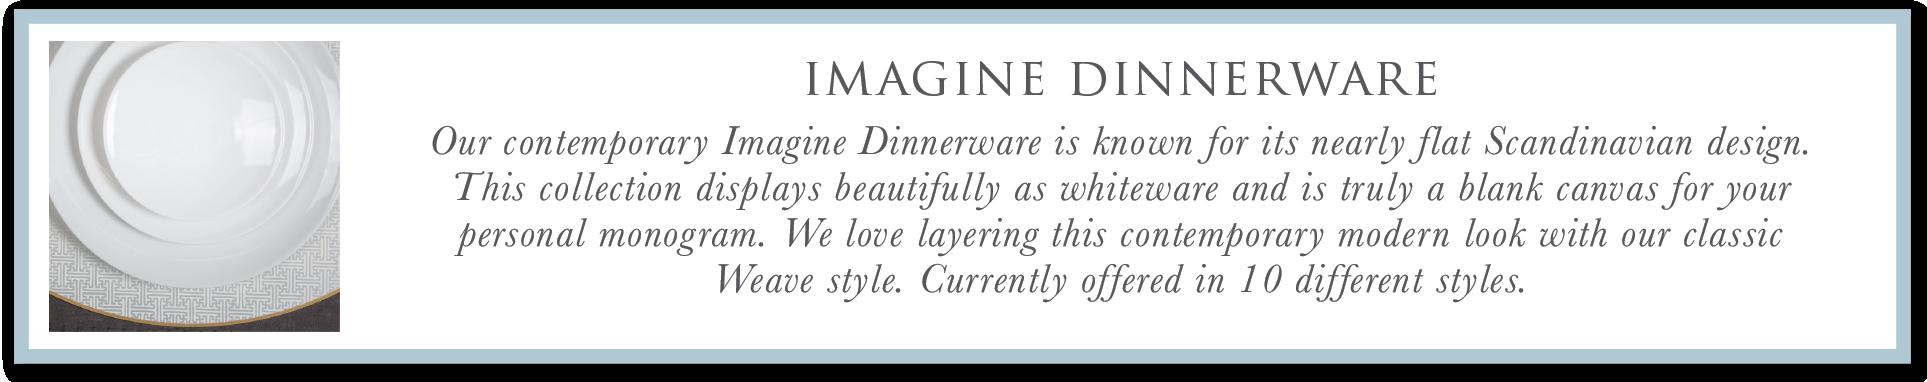 imagine-web-banner.png